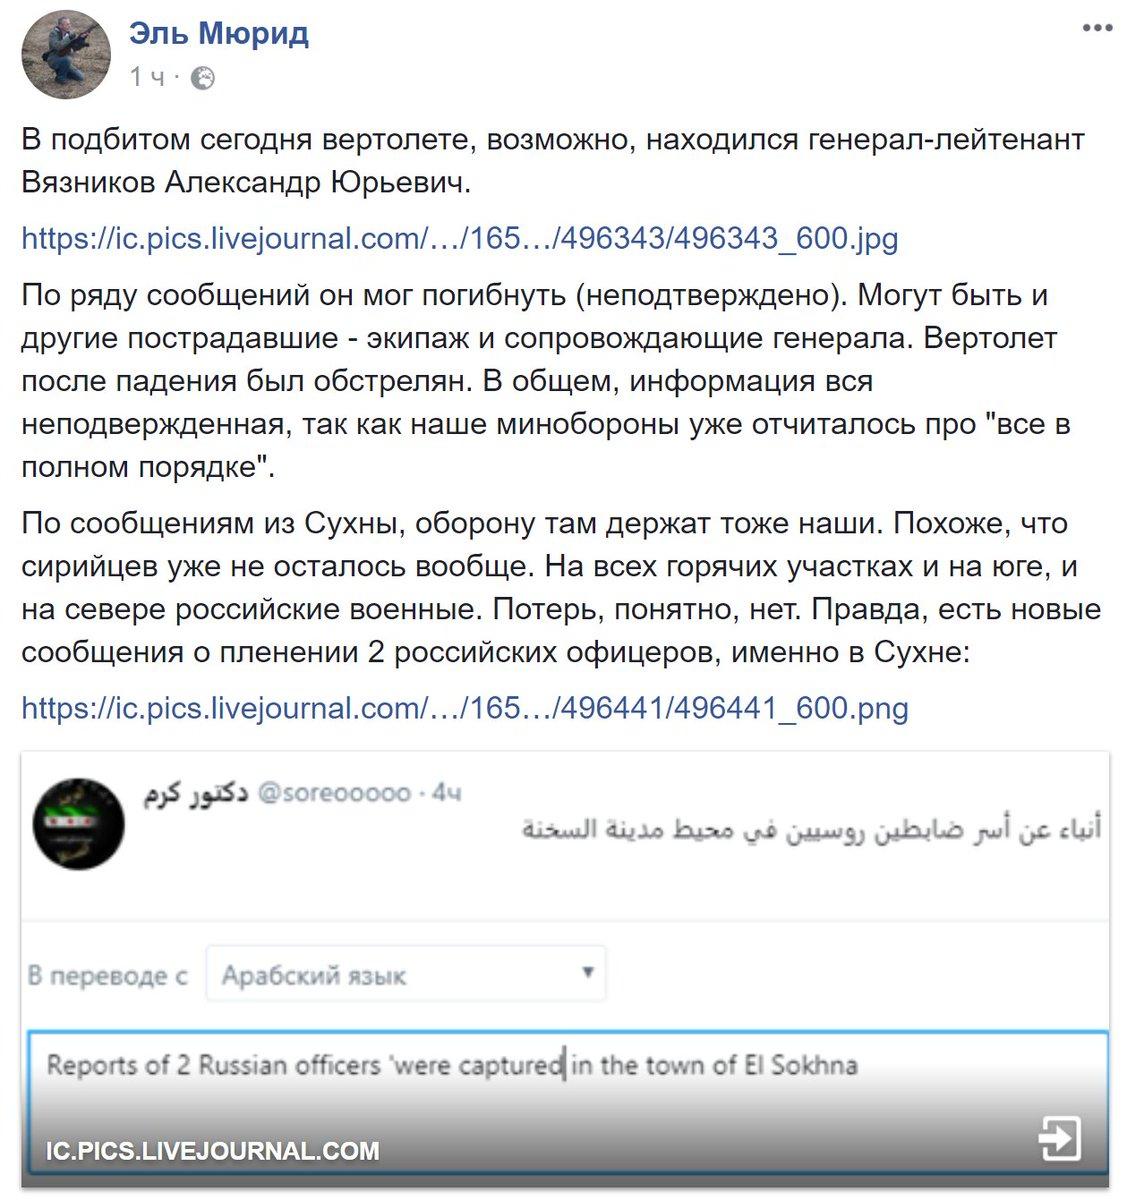 Свидетель опознала Крысина по делу об убийстве журналиста Веремия, - адвокат - Цензор.НЕТ 675